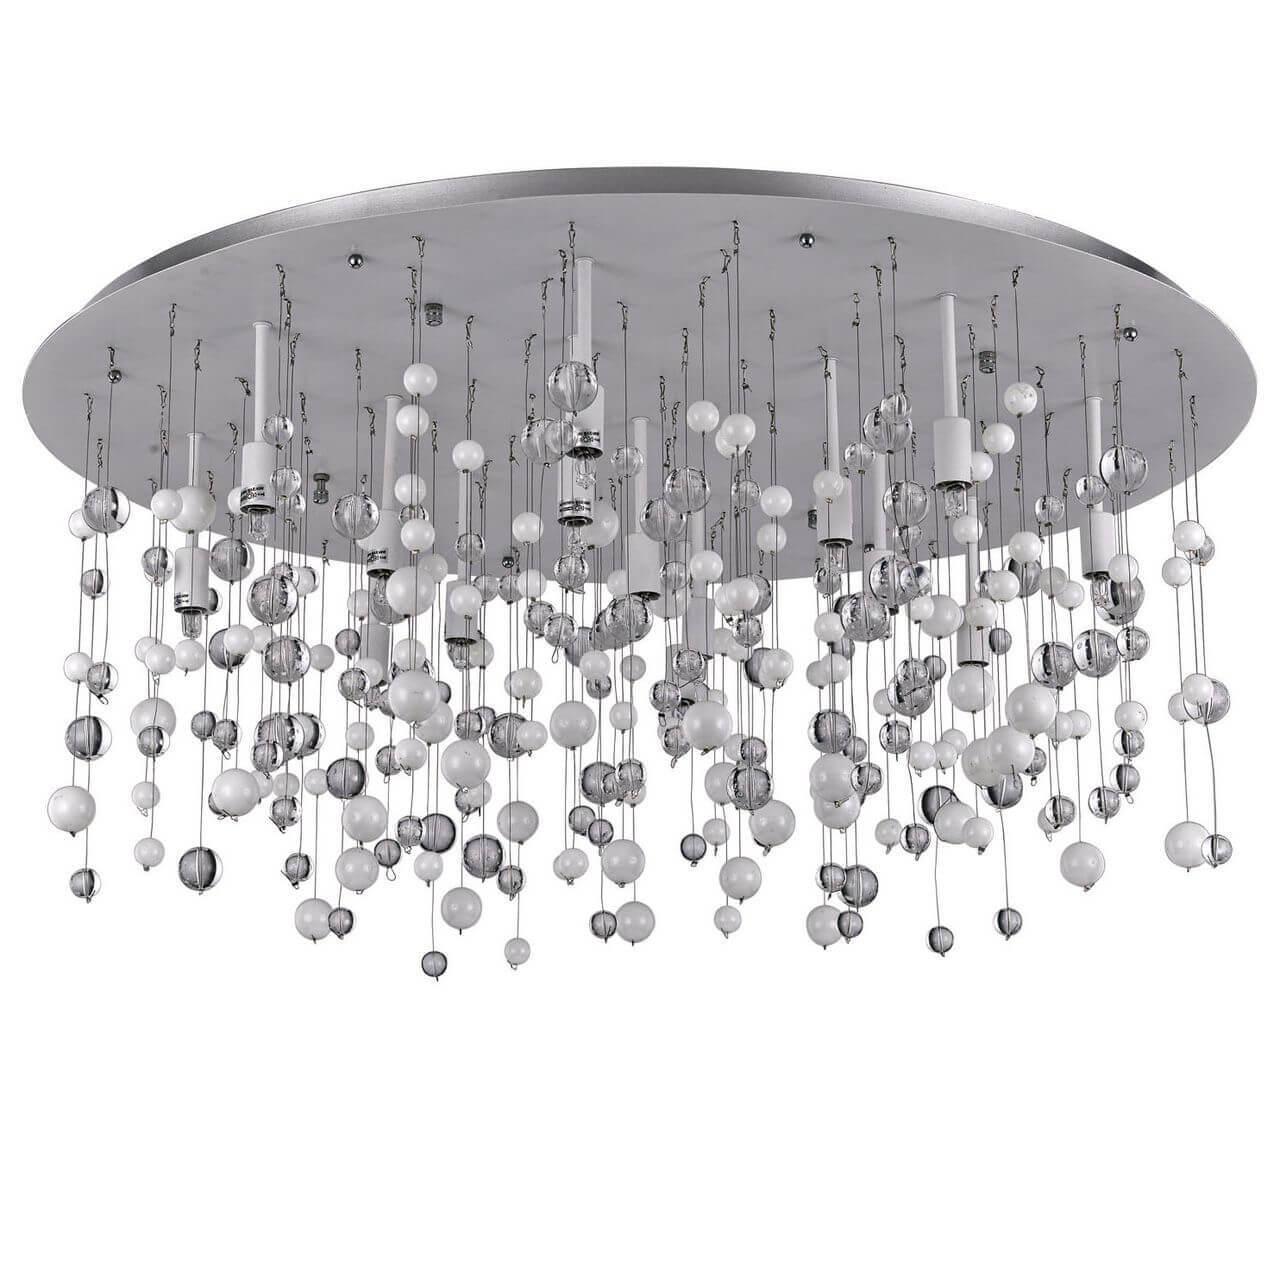 потолочный светильник ideal lux neve pl12 bianco idlx 101187 Светильник Ideal Lux Neve PL15 Bianco Neve Bianco